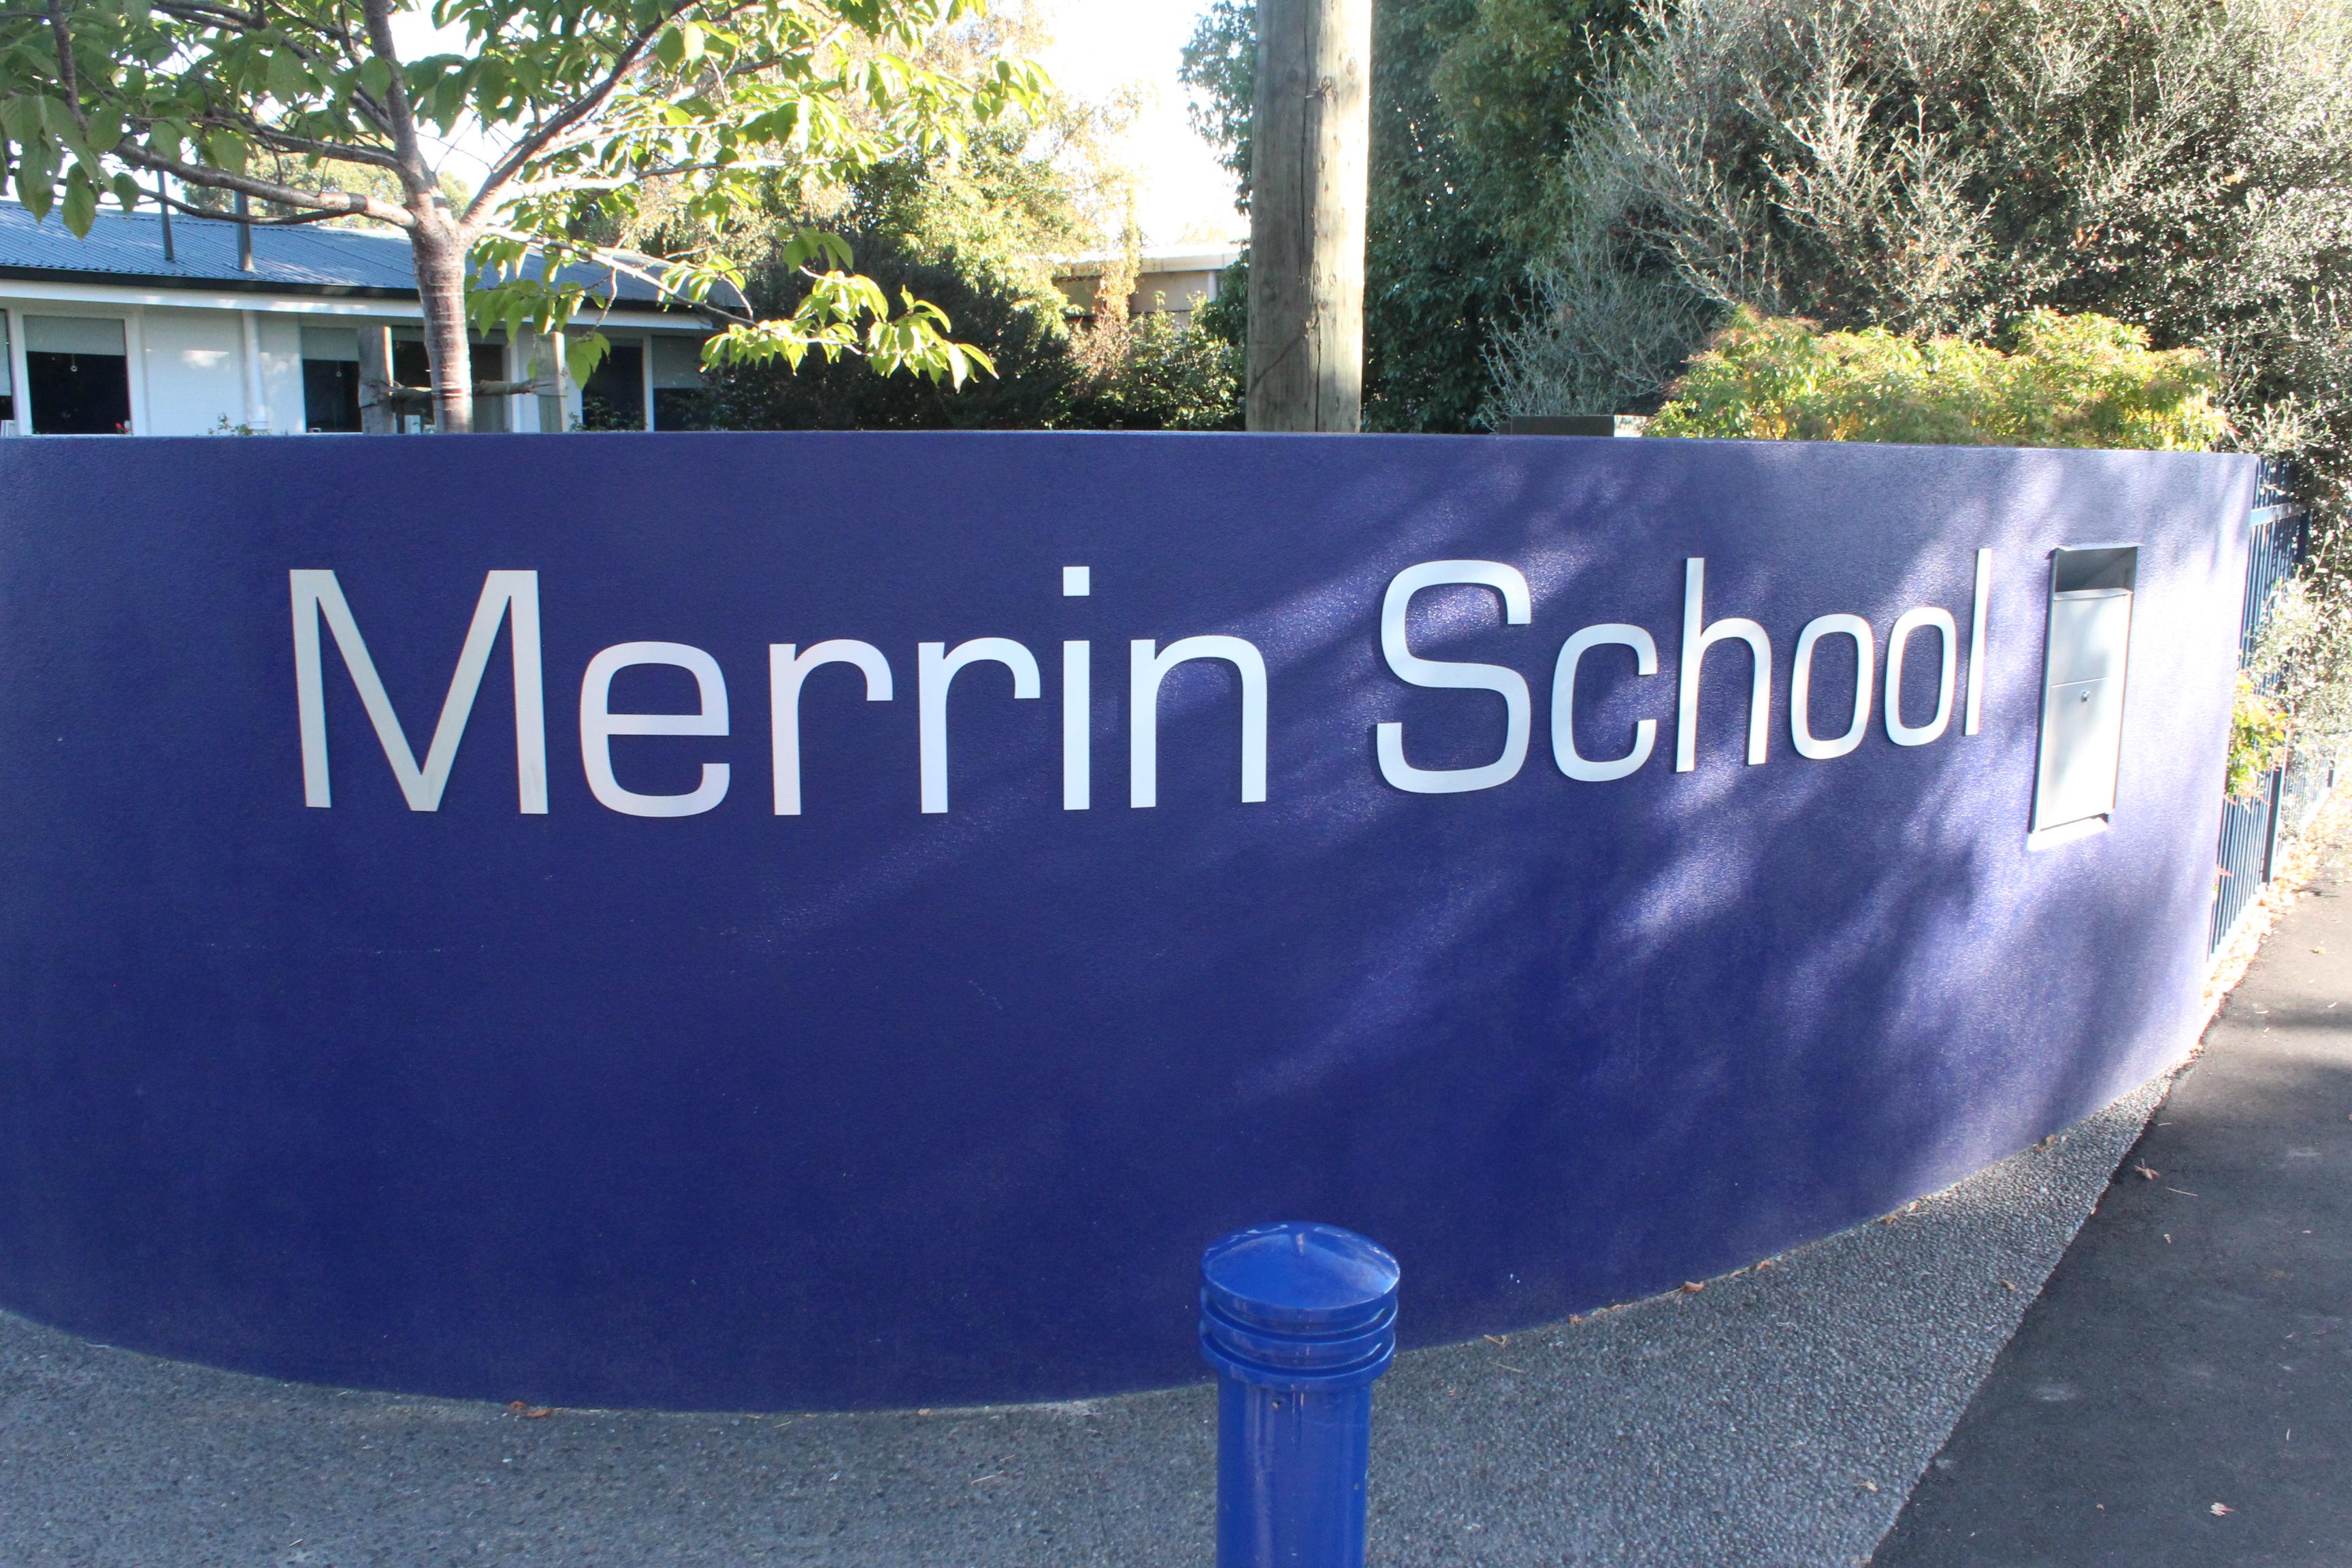 Merrin School A Carus Project